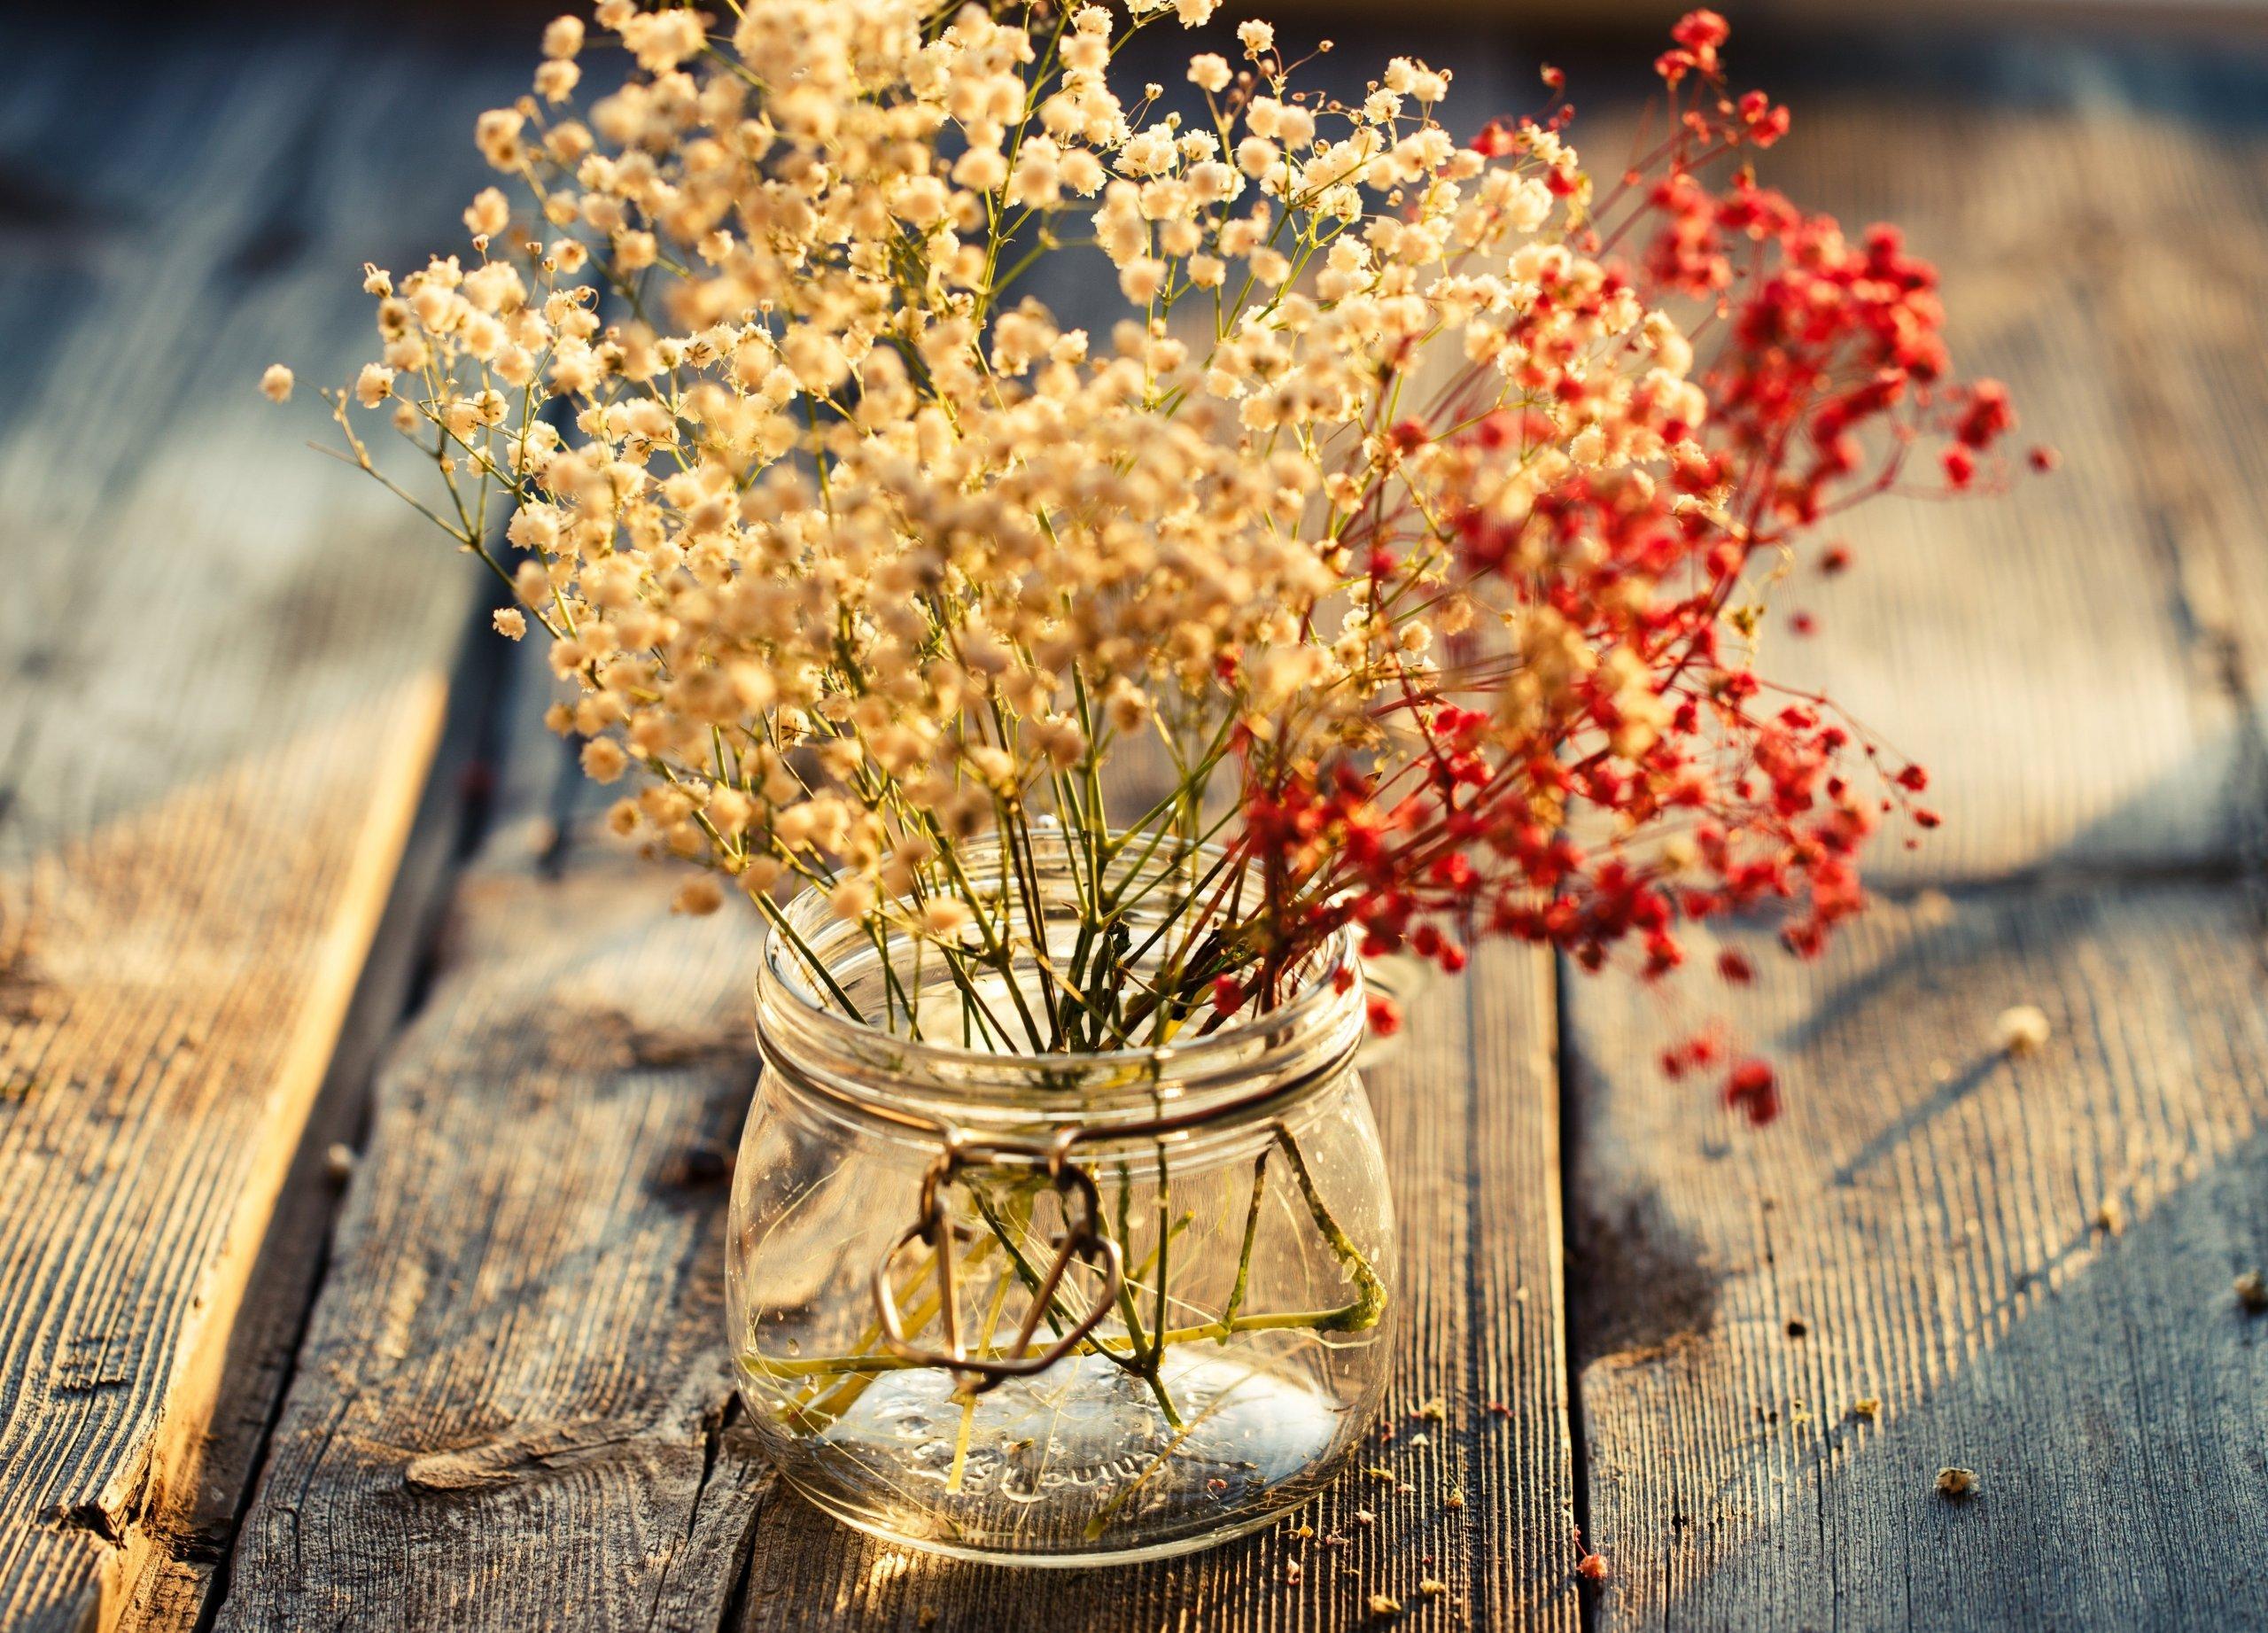 Brzy nastane období, kdy už v zahradě jen stěží najdeme nějakou kvetoucí rostlinu, kterou bychom mohli vyzdobit náš interiér. Nemusíme ale zoufat. Když během léta rostliny správně usušíme, můžeme se z nich těšit celou zimu. Jak tedy správně usušit rostliny?